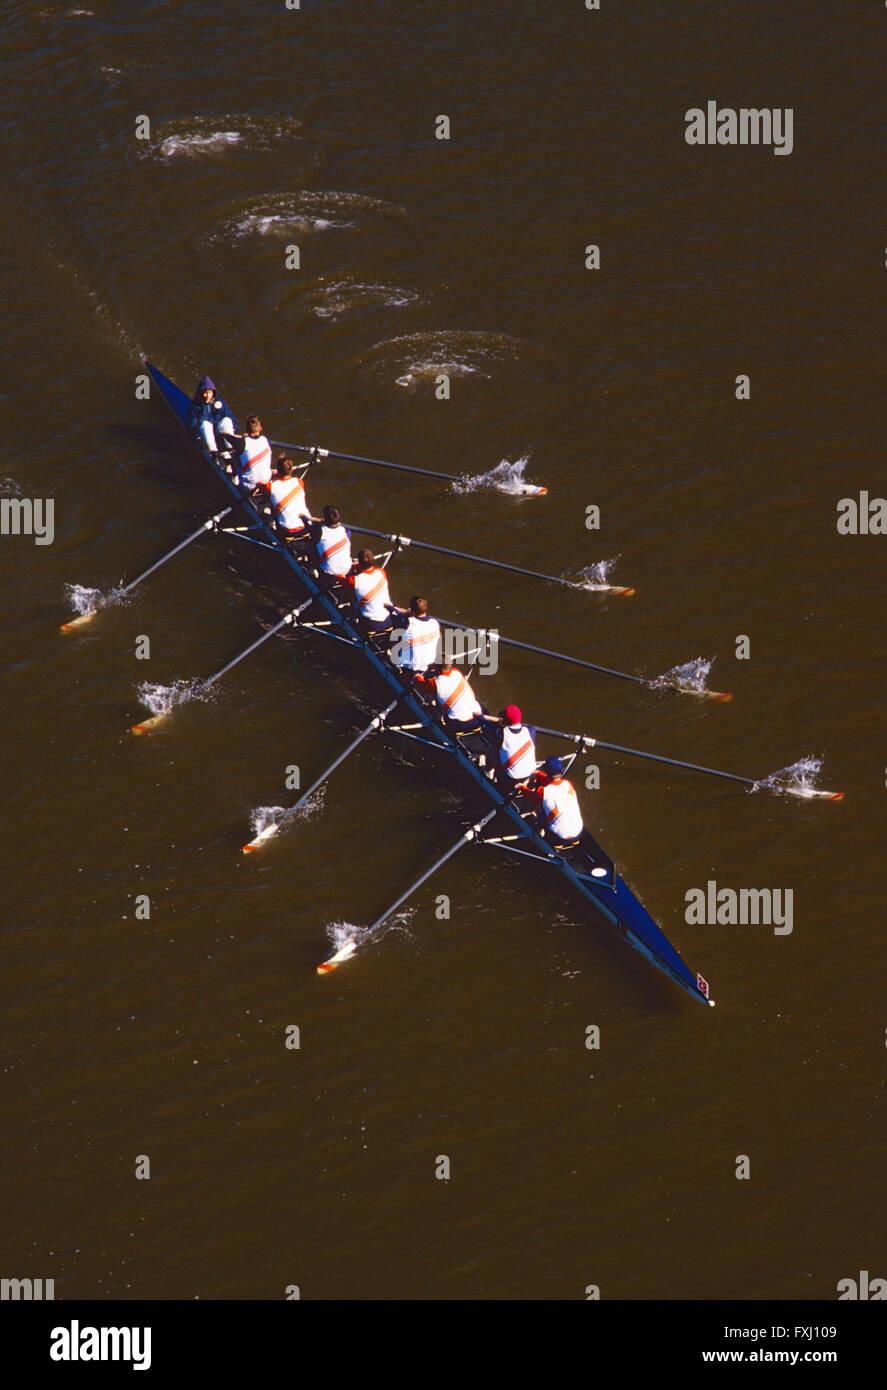 Remo Scullers en la cabeza de la regata; Río Schuykill Schuylkill; Philadelphia; Pennsylvania; EE.UU. Imagen De Stock